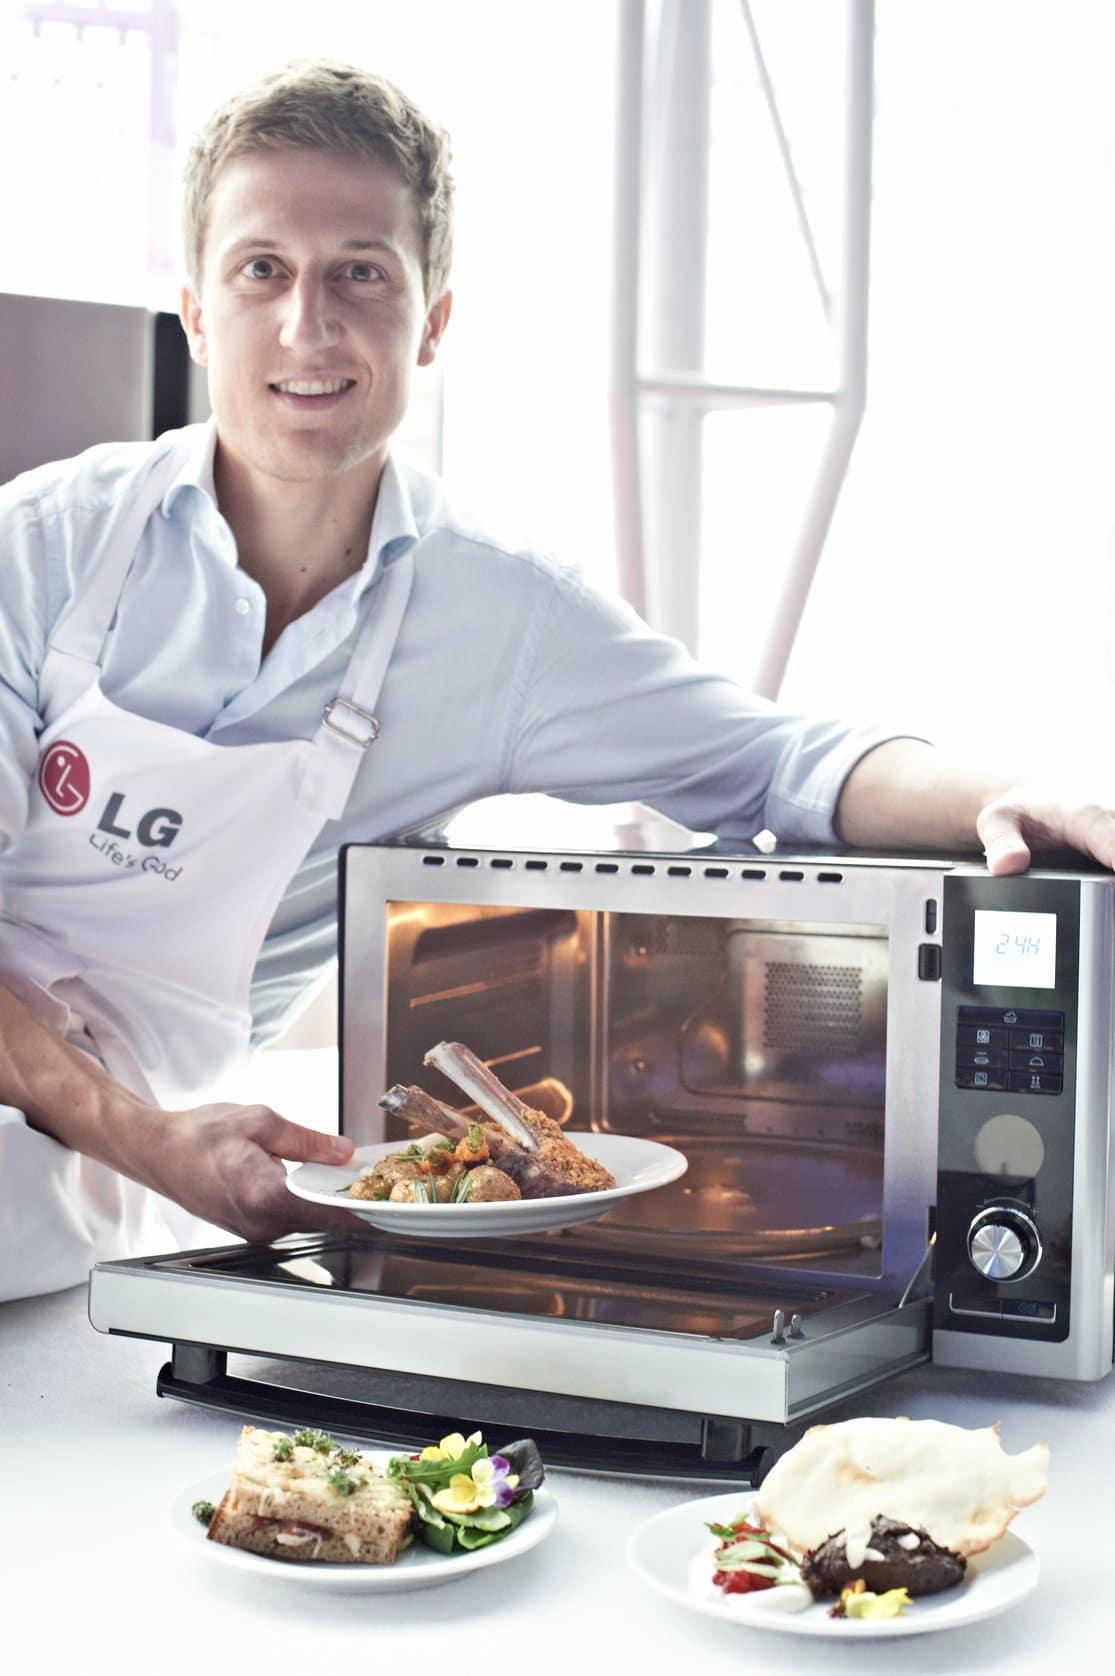 Czyszczenie piekarnika solarnego jest równie łatwe i przyjemne jak przygotowywanie w nim potraw.